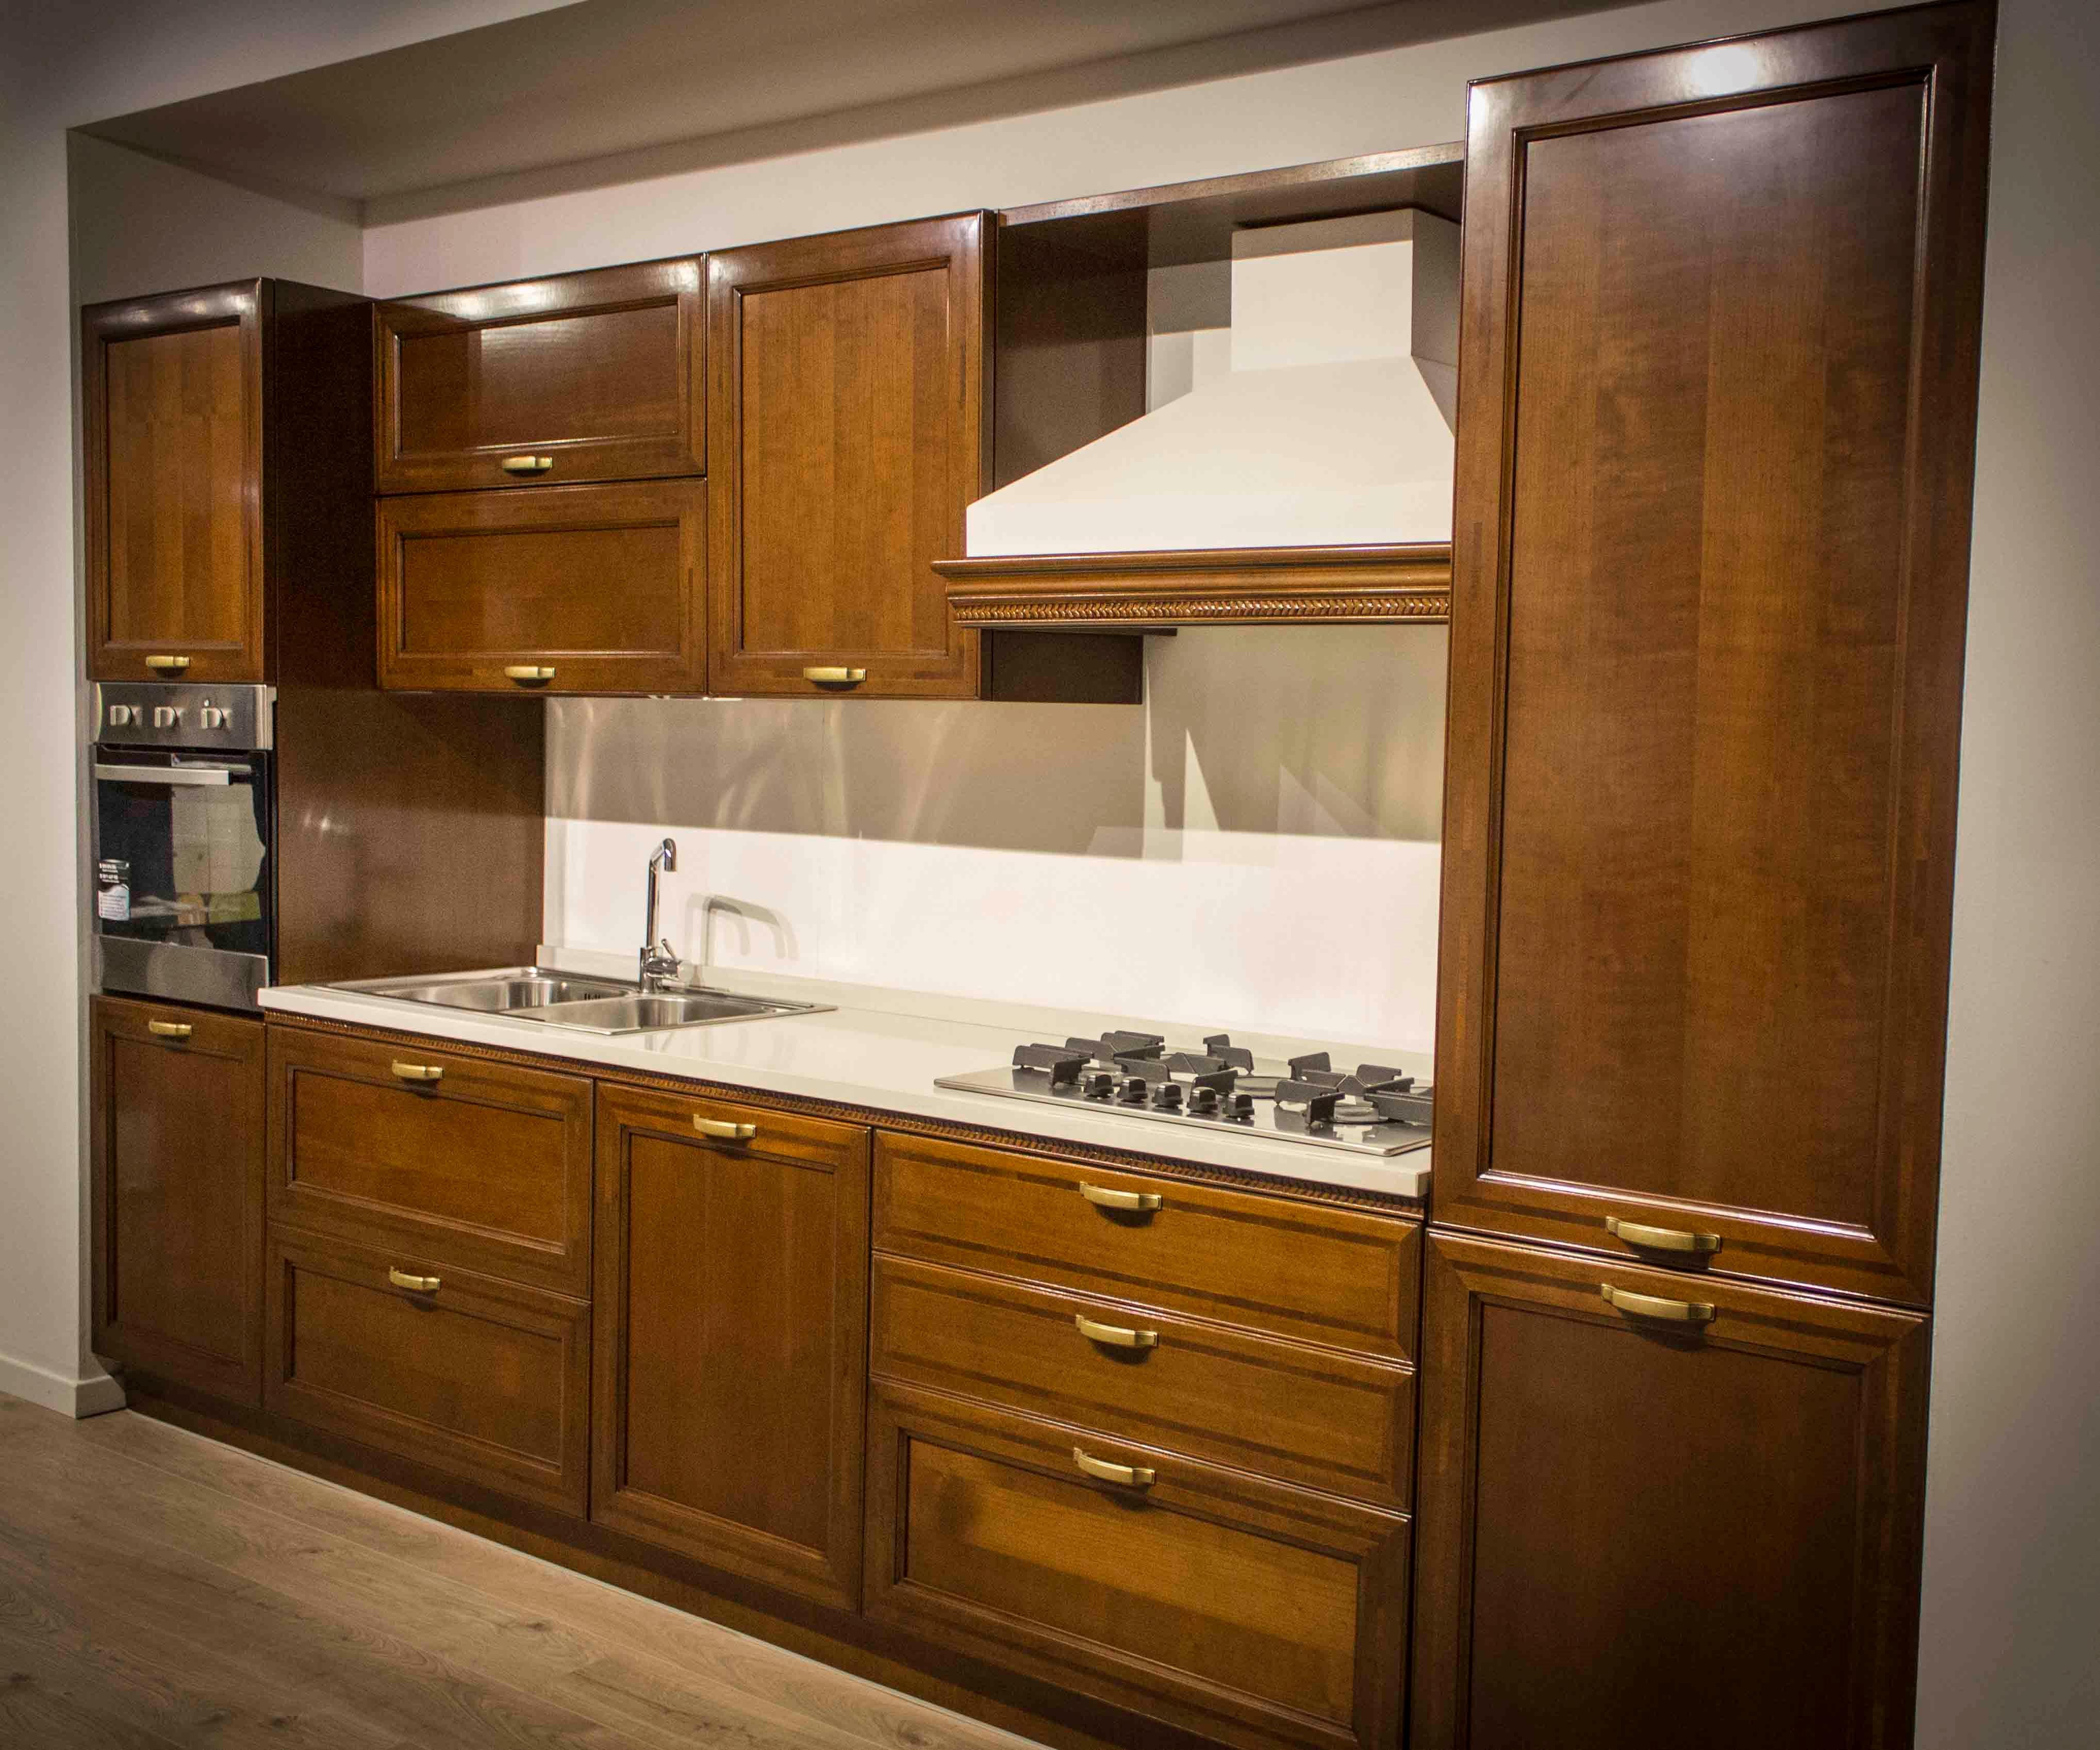 Cucina le fablier mod i ciliegi scontata del 50 cucine a prezzi scontati - Mobili le fablier cucine ...